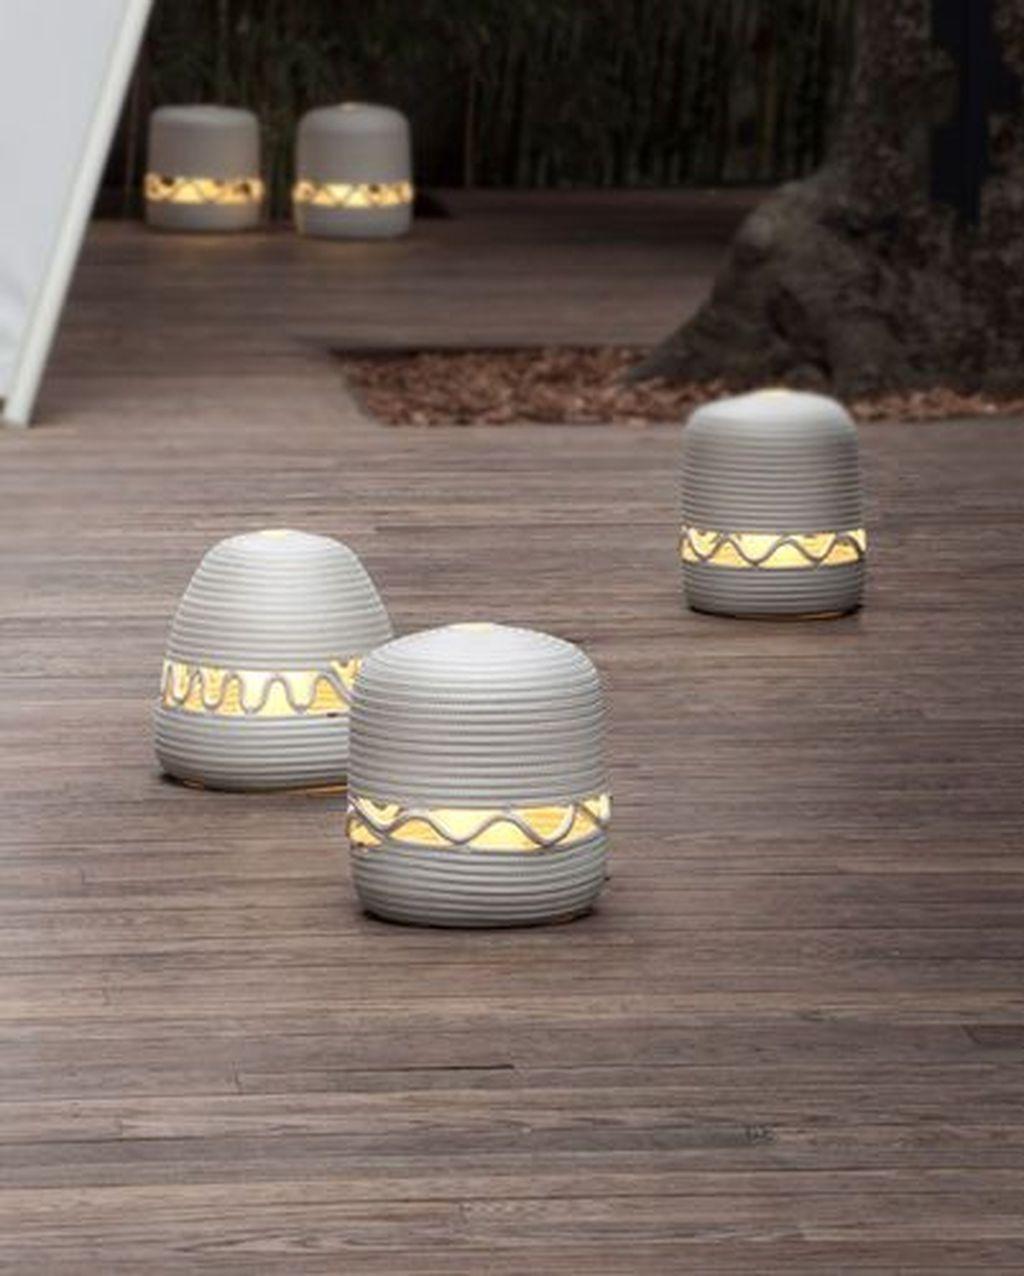 32 Inspiring Garden Lamps Ideas For Outdoors Decor | Lamp ...